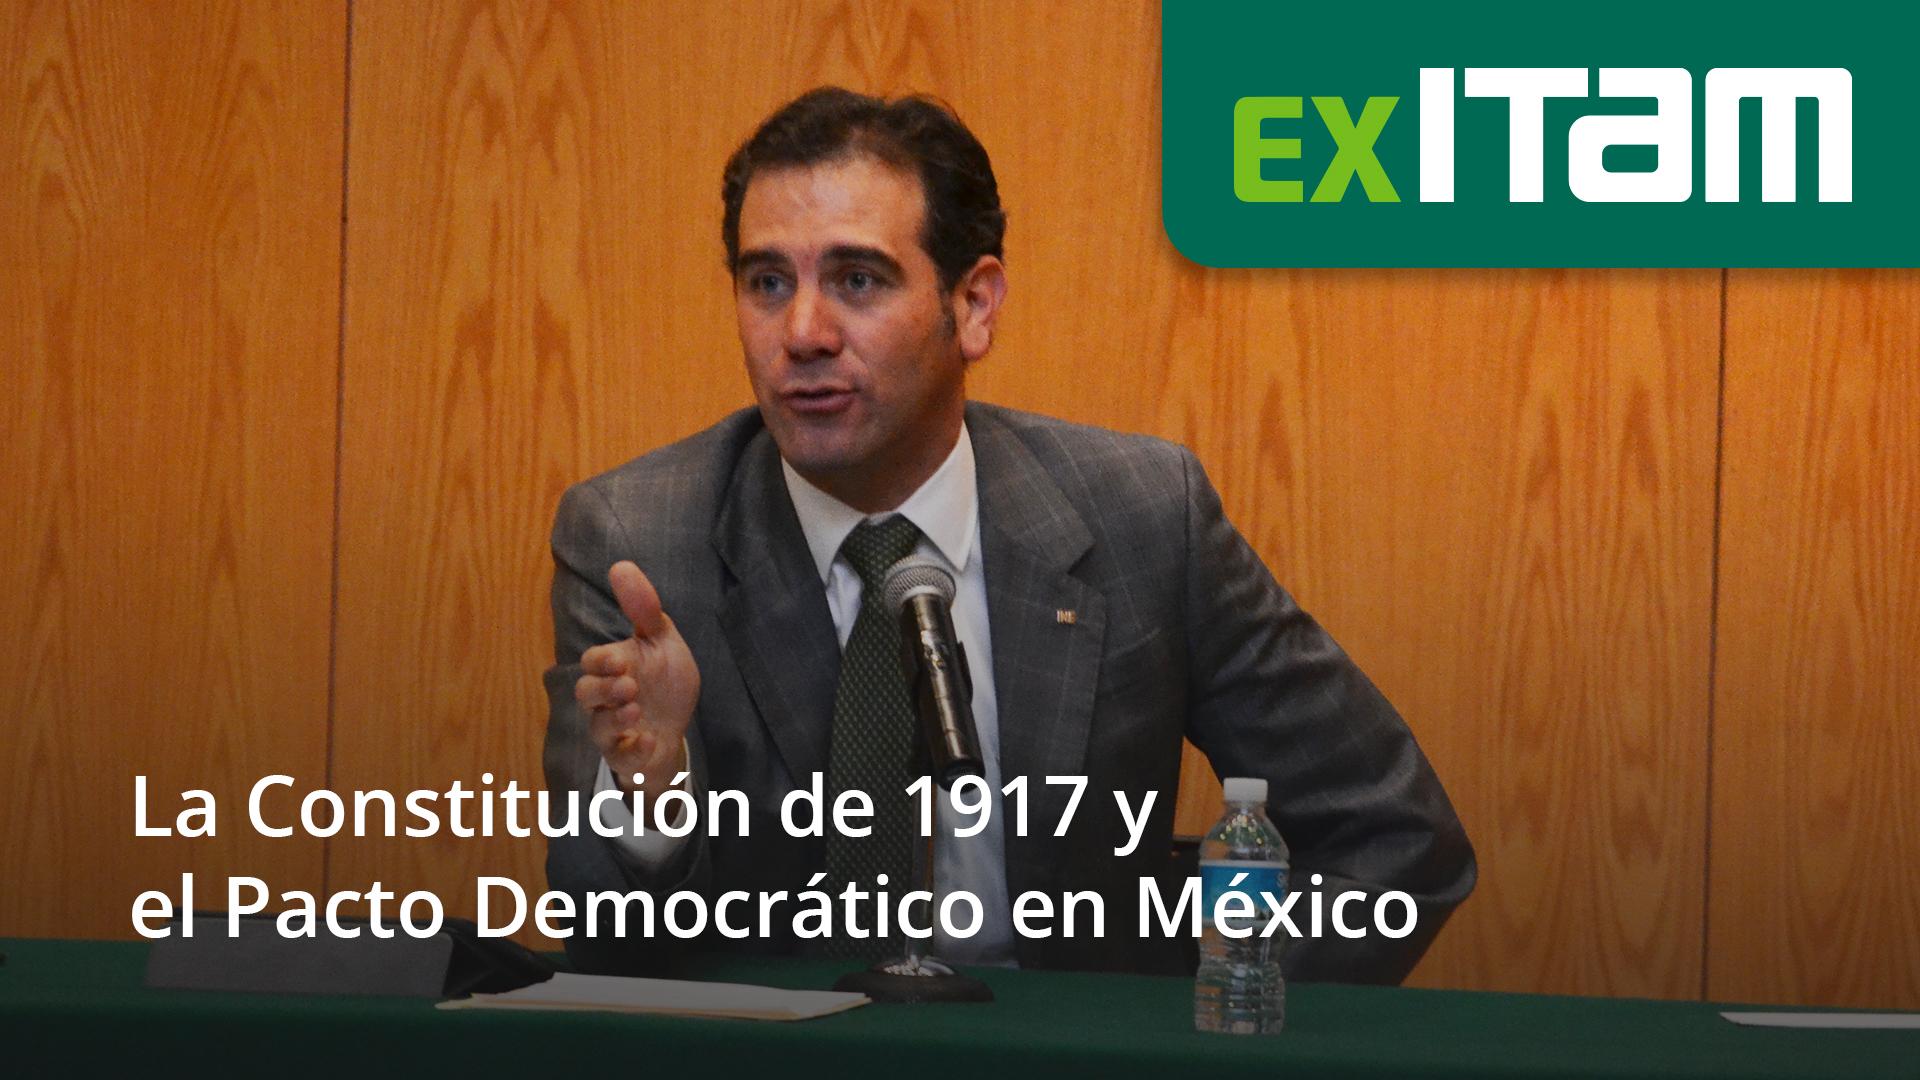 Conferencia Magistral La Constitución de 1917 y el Pacto Democrático en México